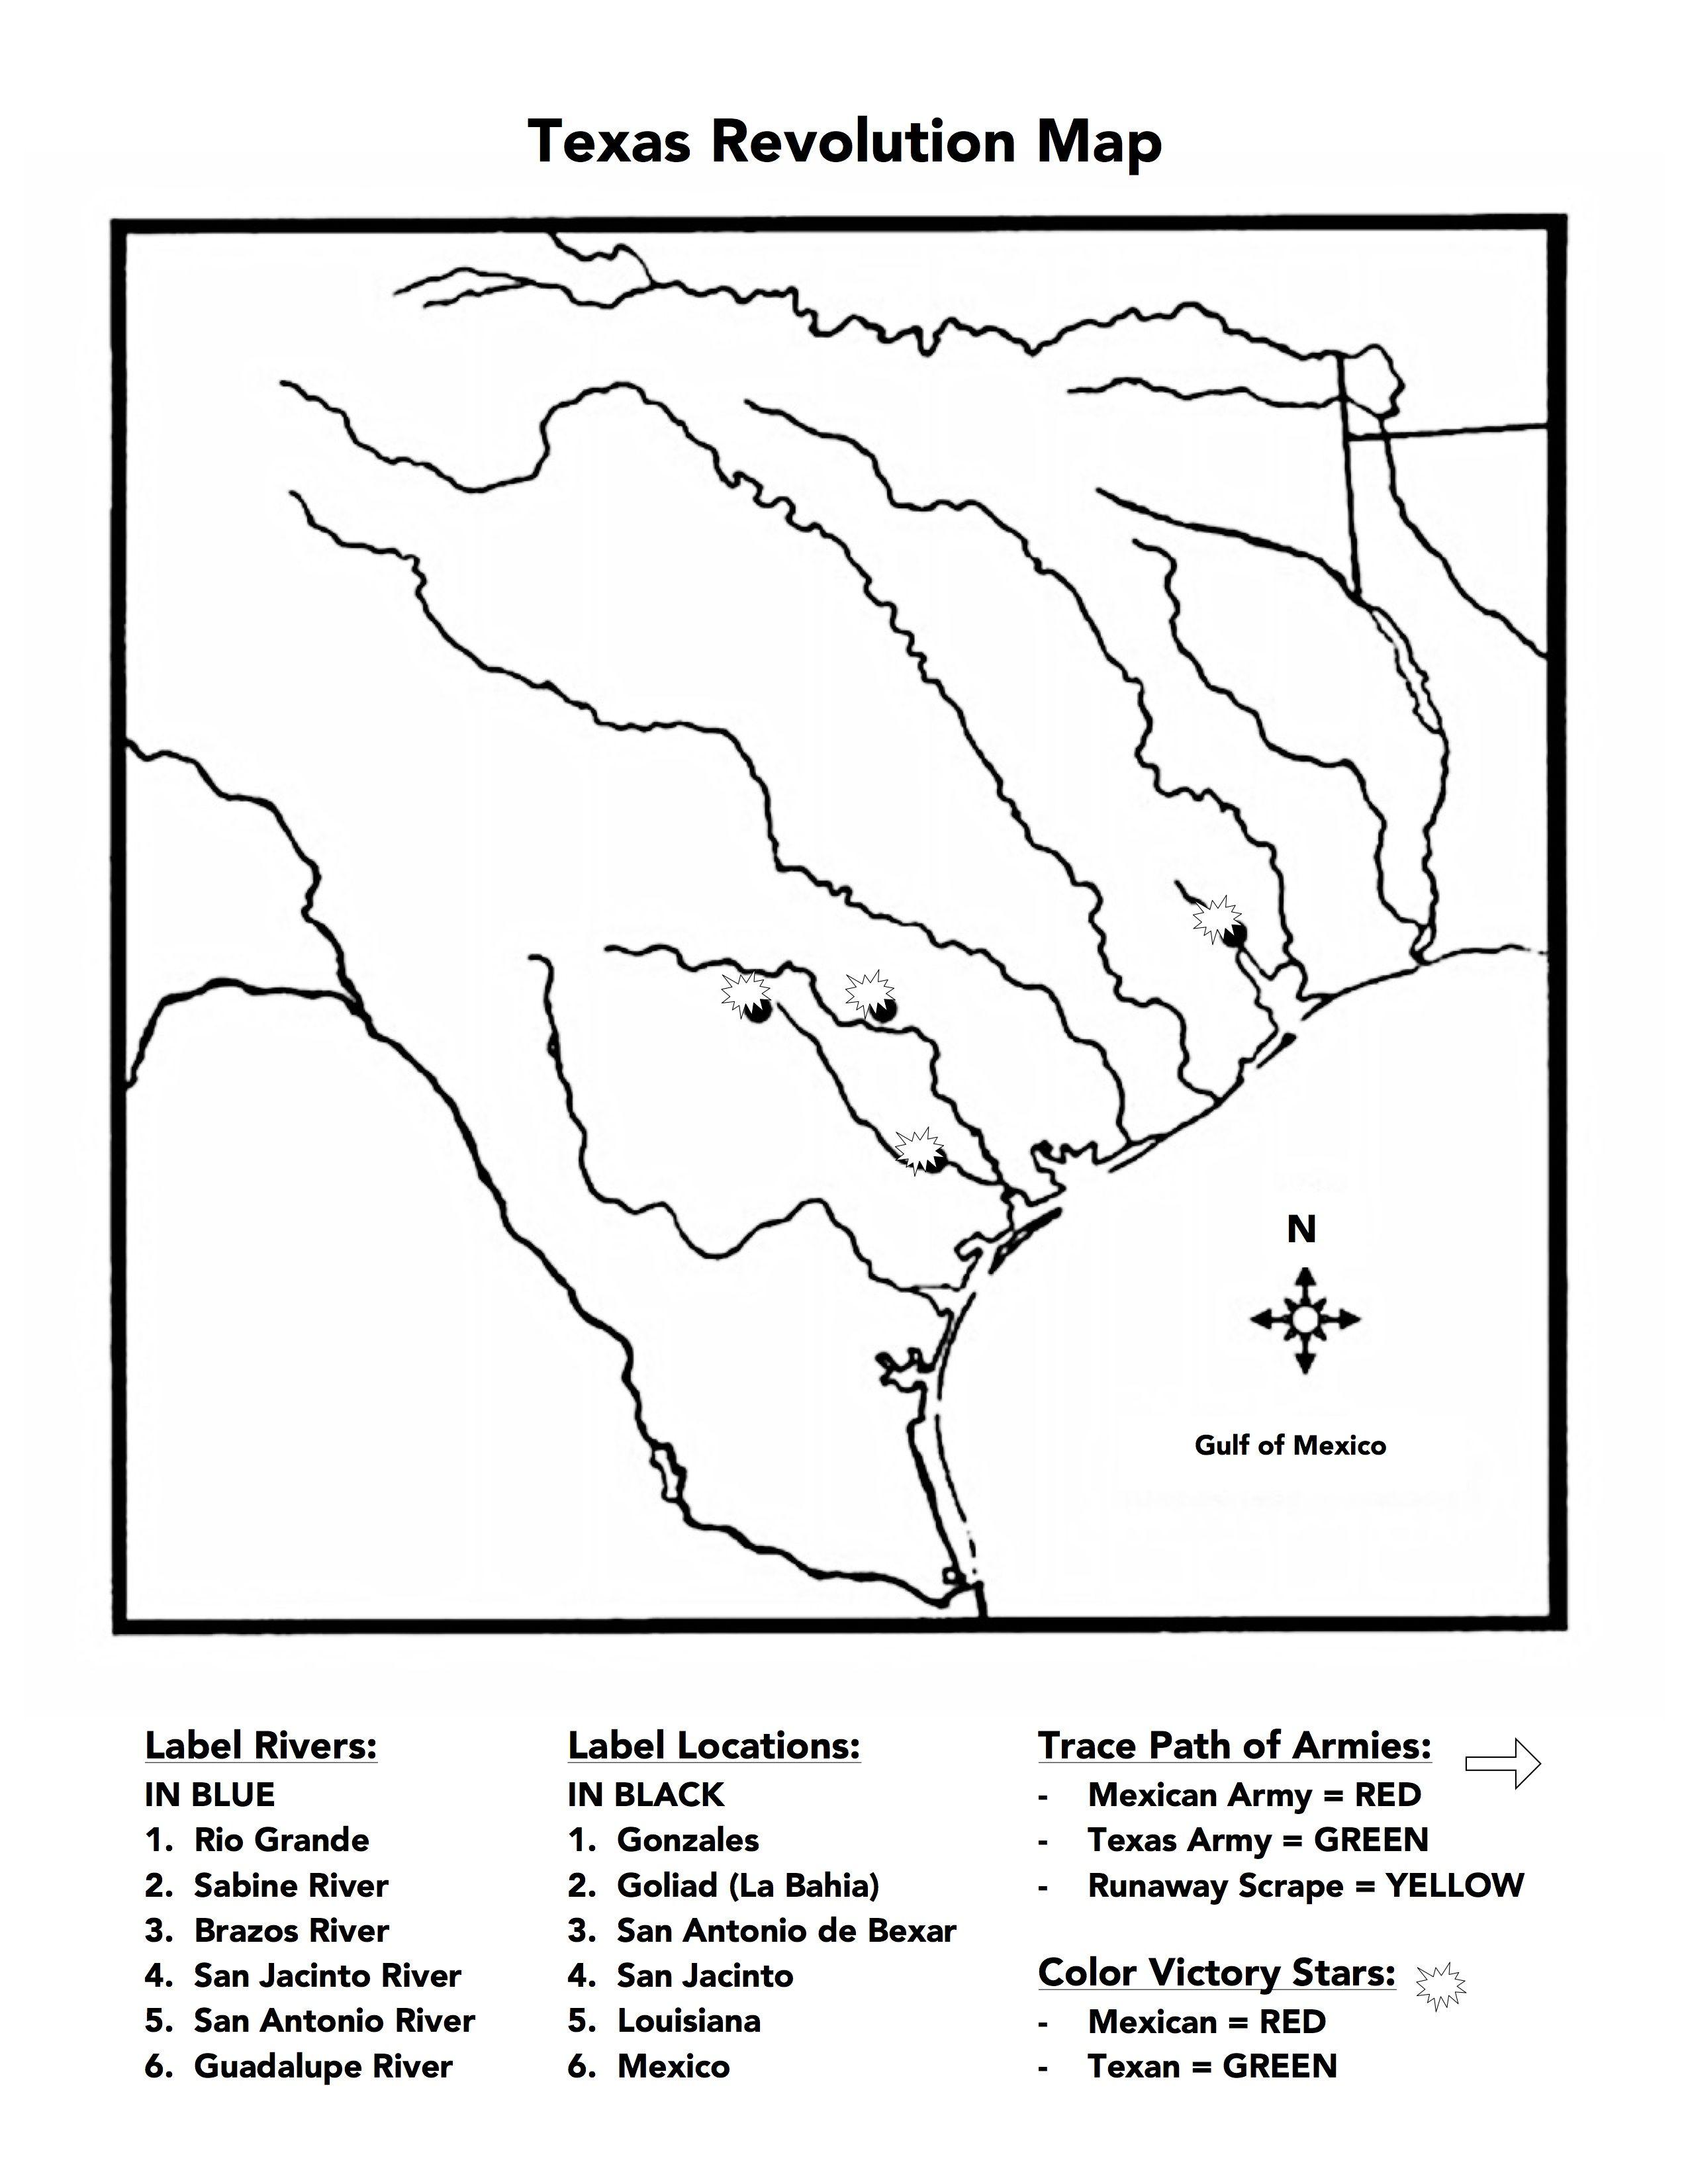 Texas Revolution Map